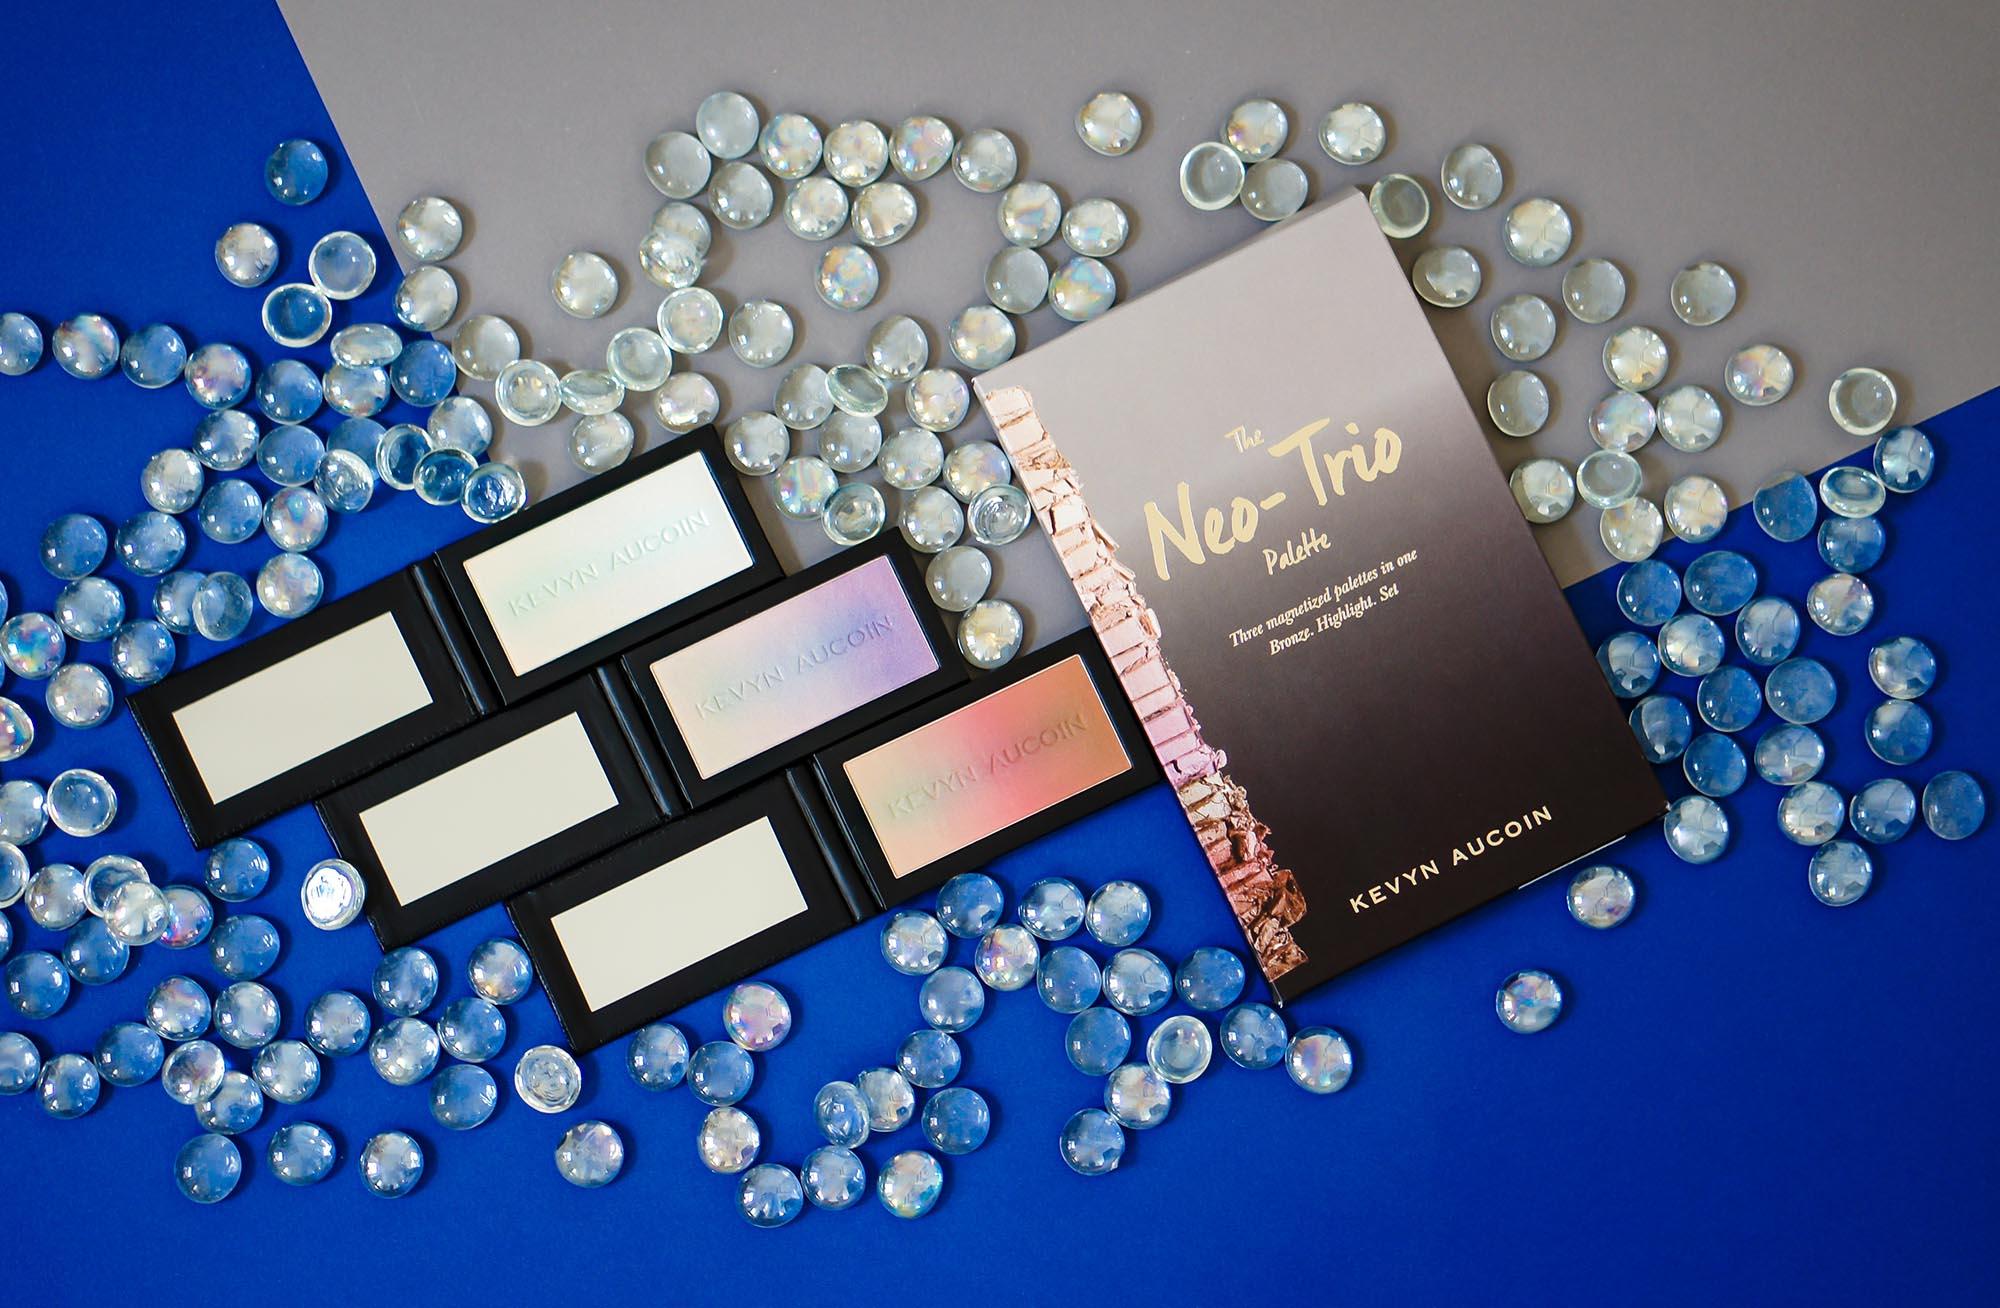 Bestseller von Kevyn Aucoin: Neo-Limelight, Neo-Bronzer & Neo-Setting Powder